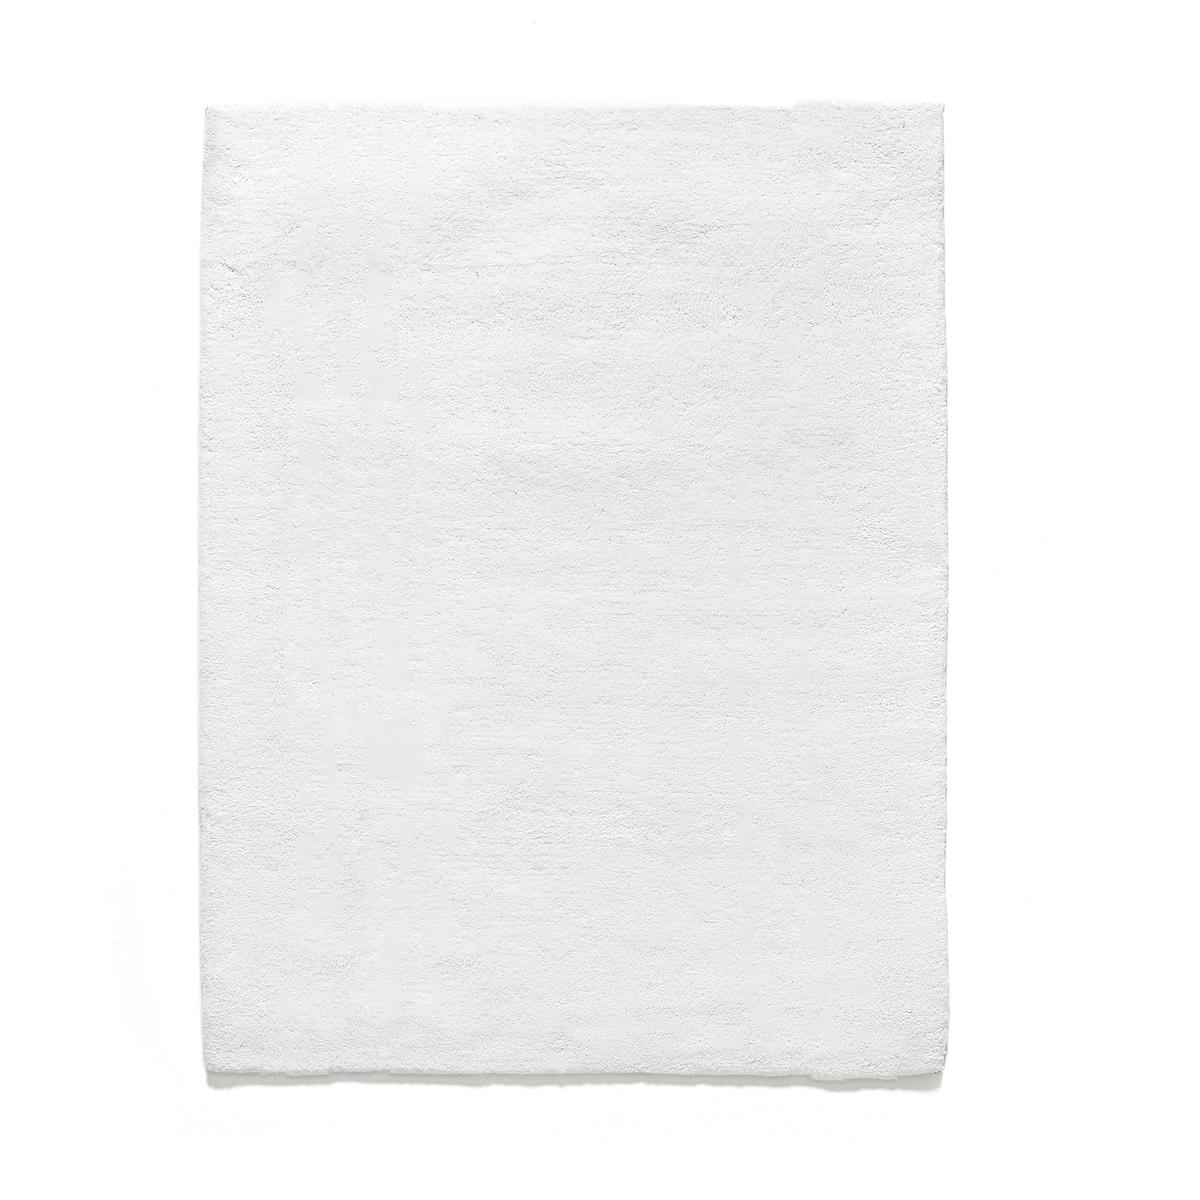 Ковер LaRedoute С ворсом из 100 хлопка Renzo 120 x 170 см белый ковер la redoute с ворсом из хлопка renzo 120 x 170 см серый